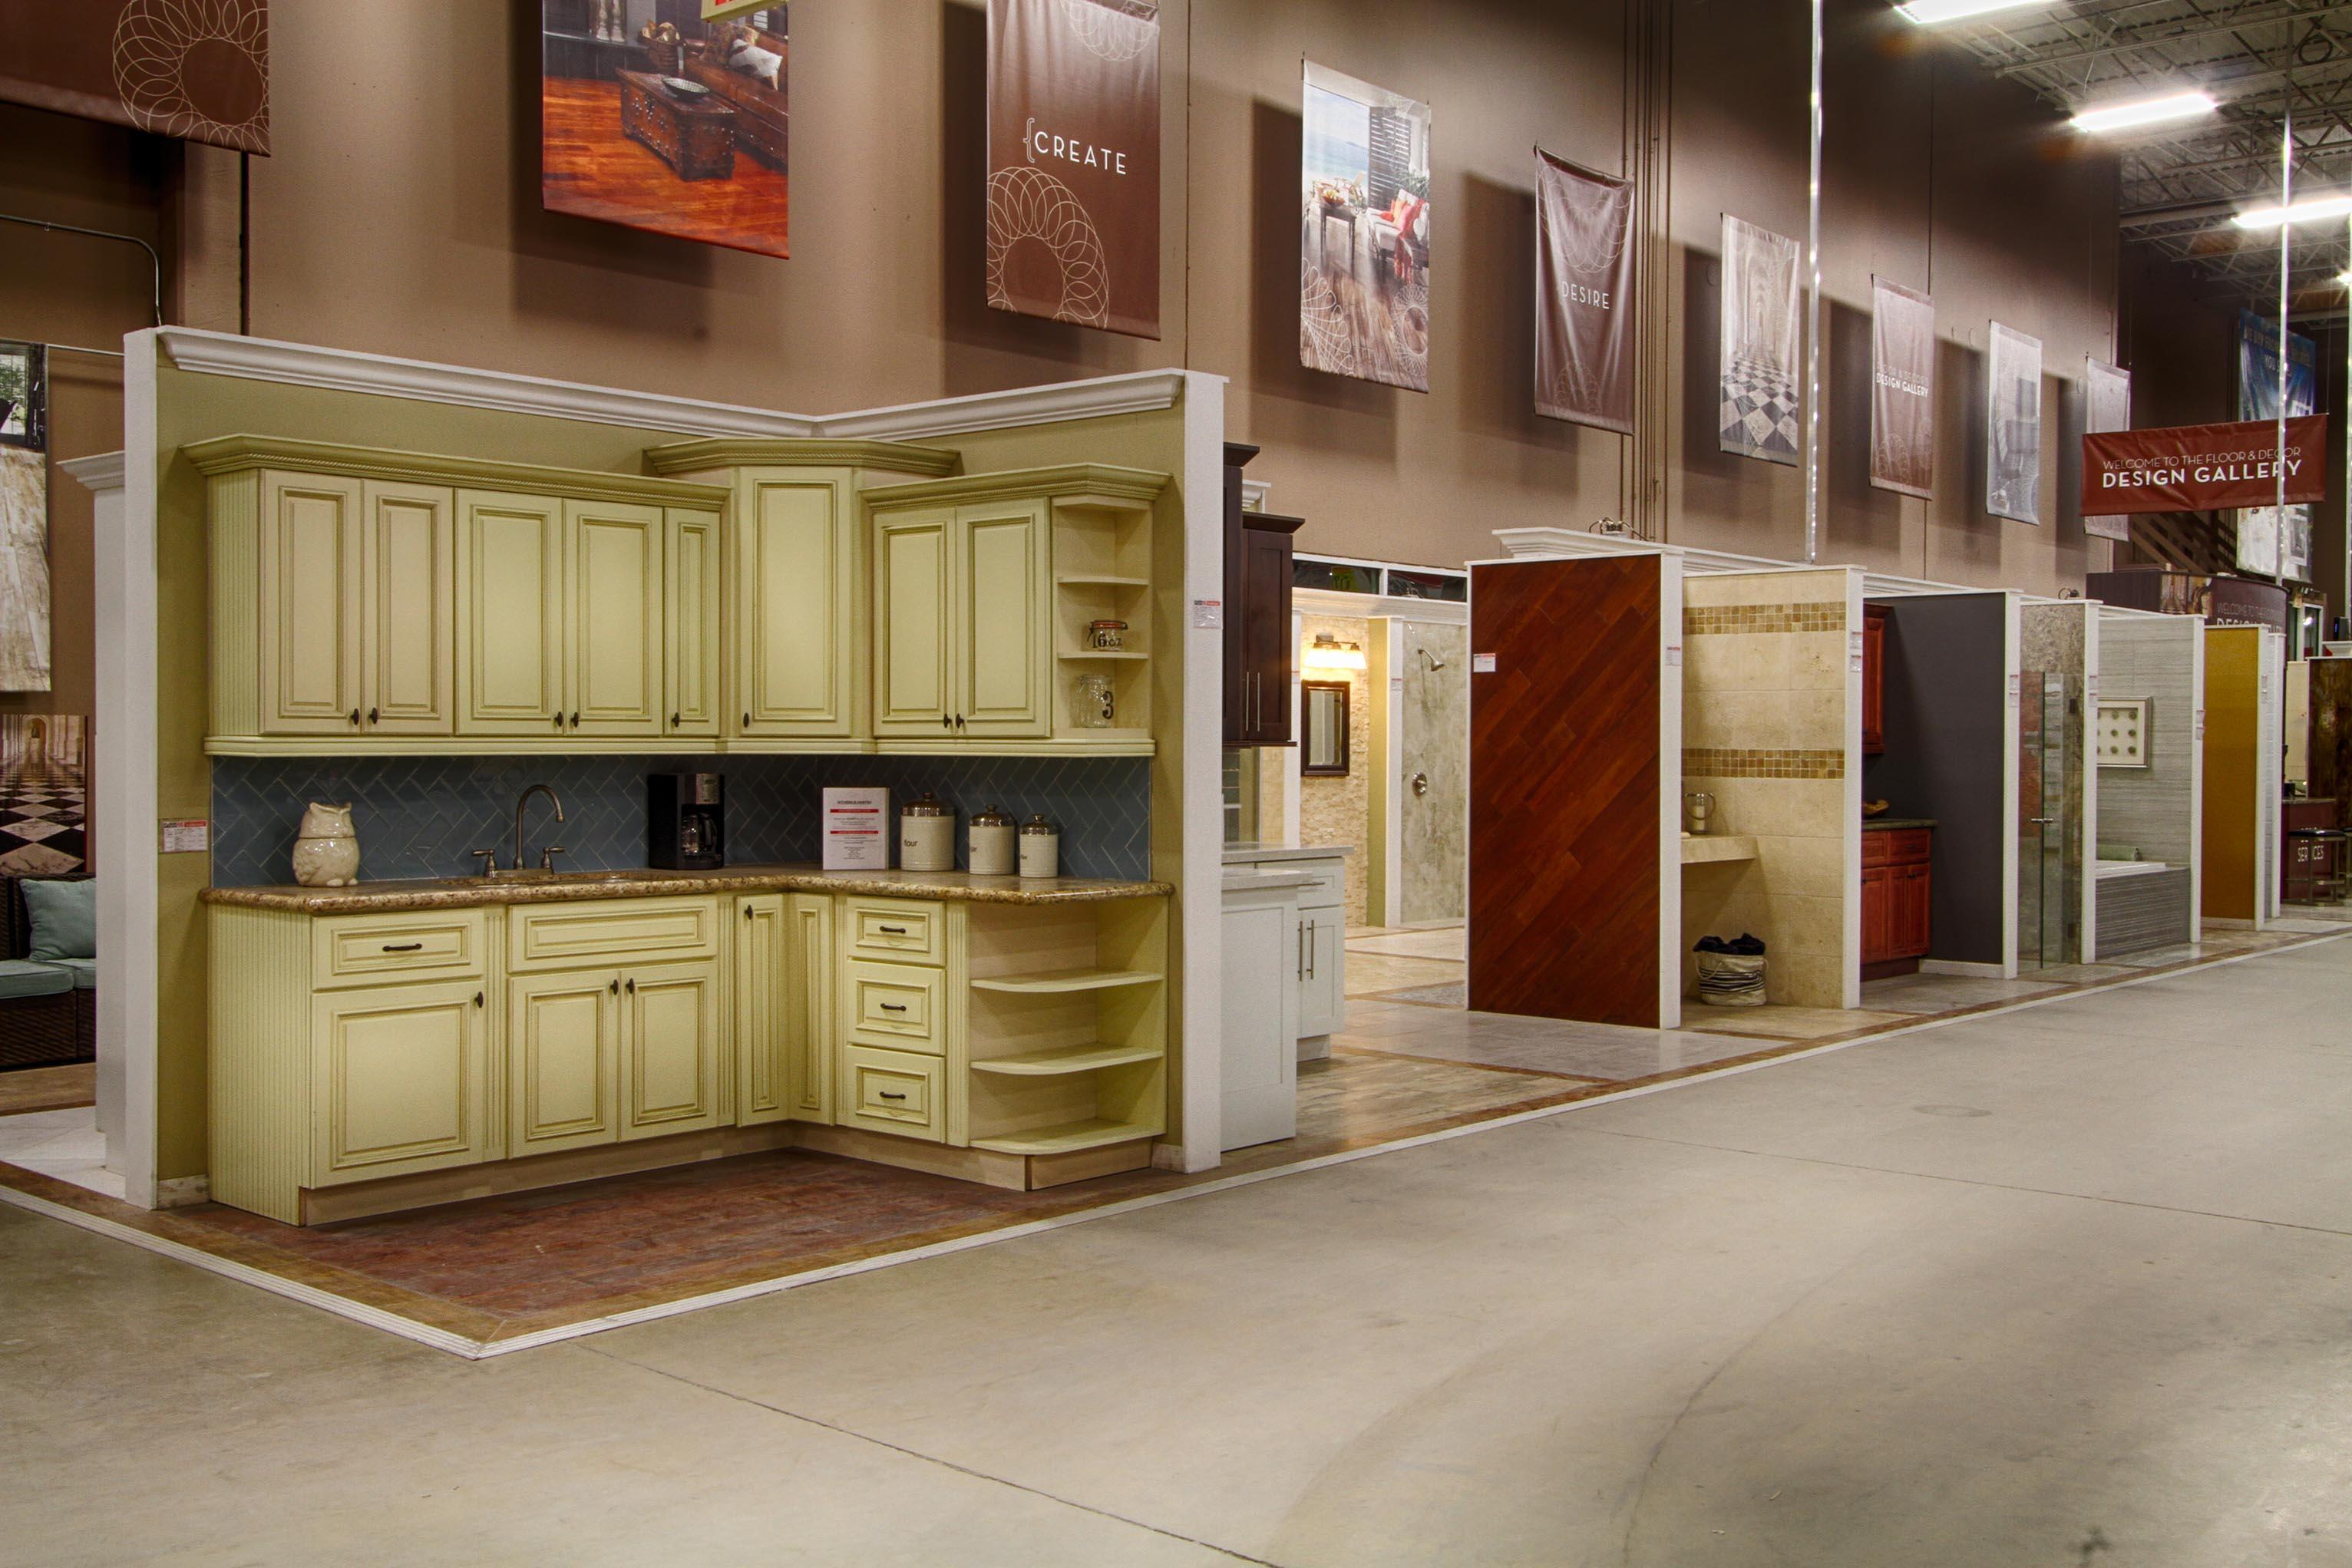 Floor & Decor image 11